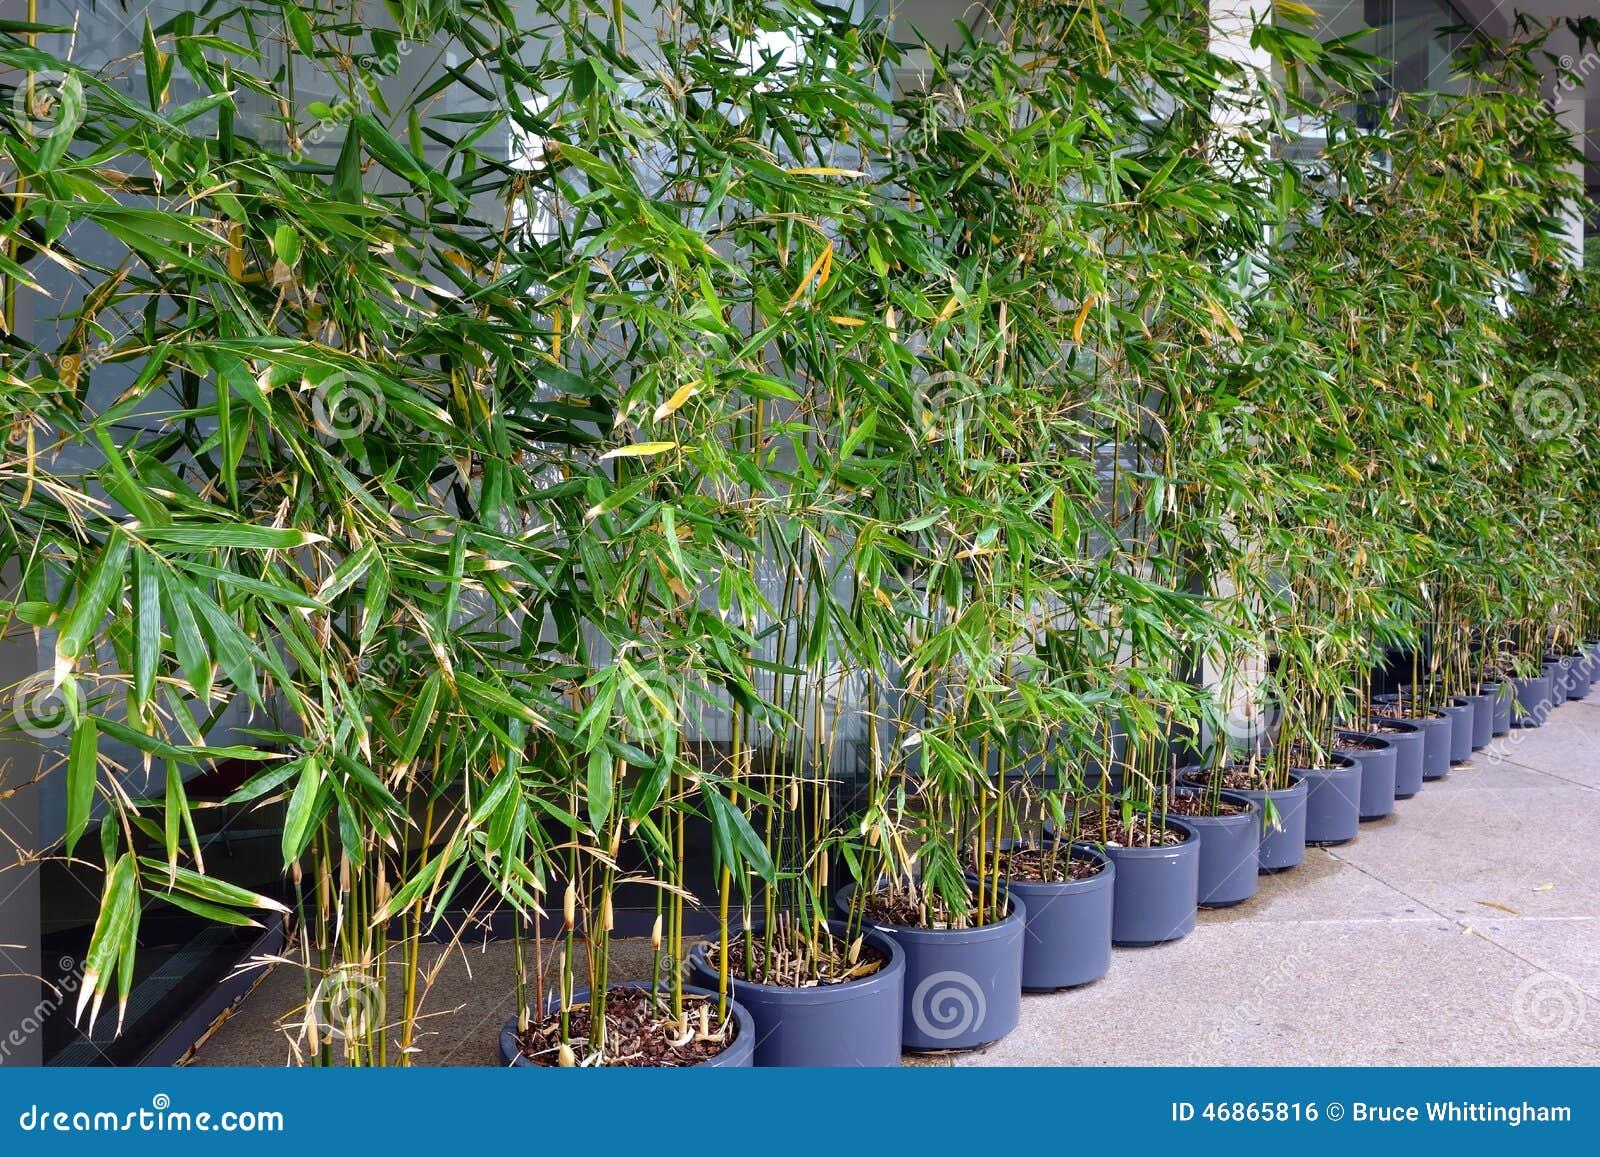 Piante Di Bambù In Vasi Fotografia Stock - Immagine: 46865816